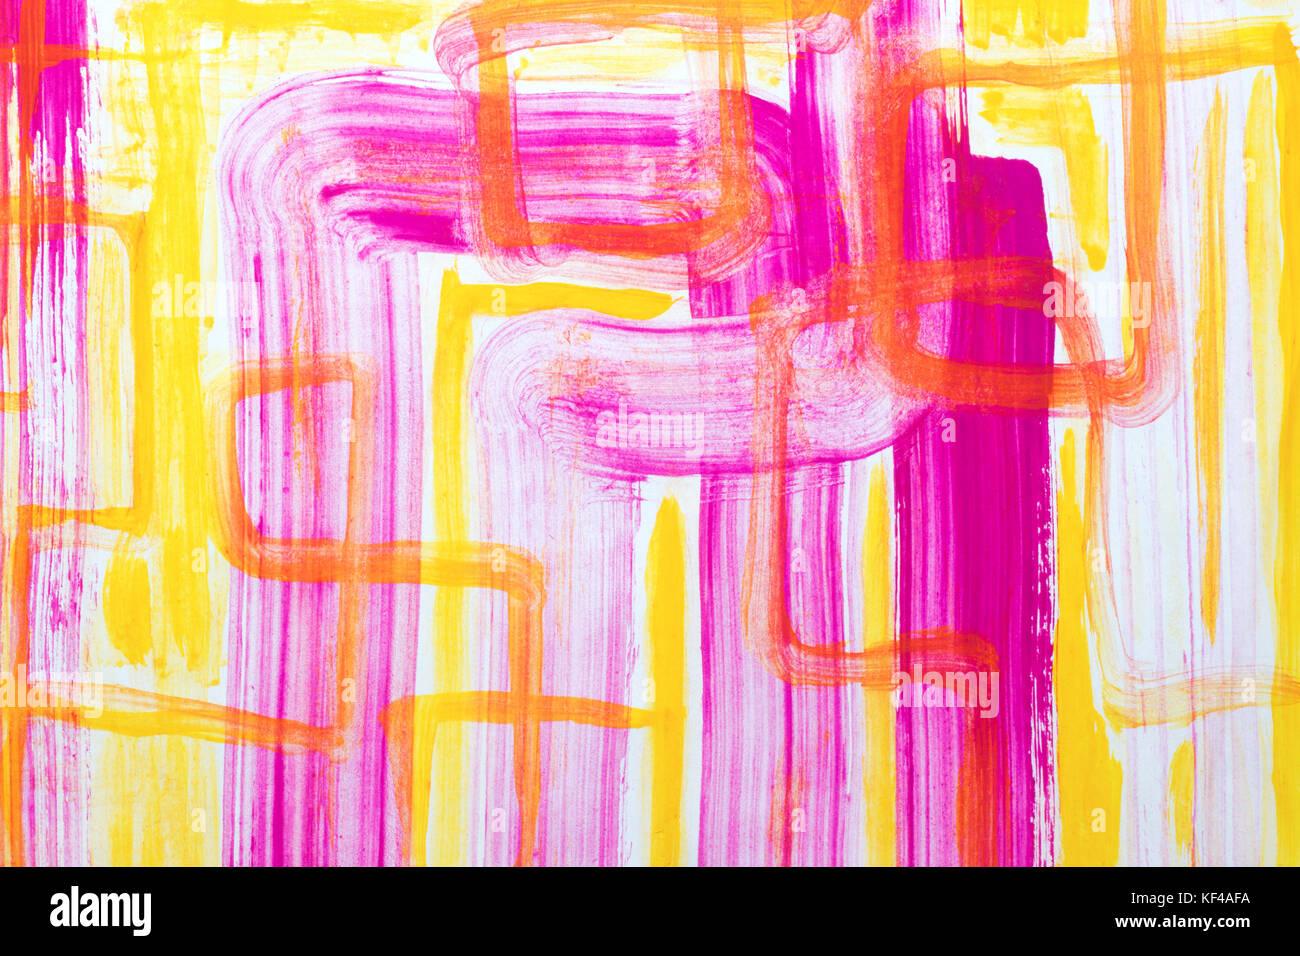 L'arte astratta sfondo. il dipinto a olio su tela verde e giallo texture. Frammento di opere d'arte. macchie Immagini Stock